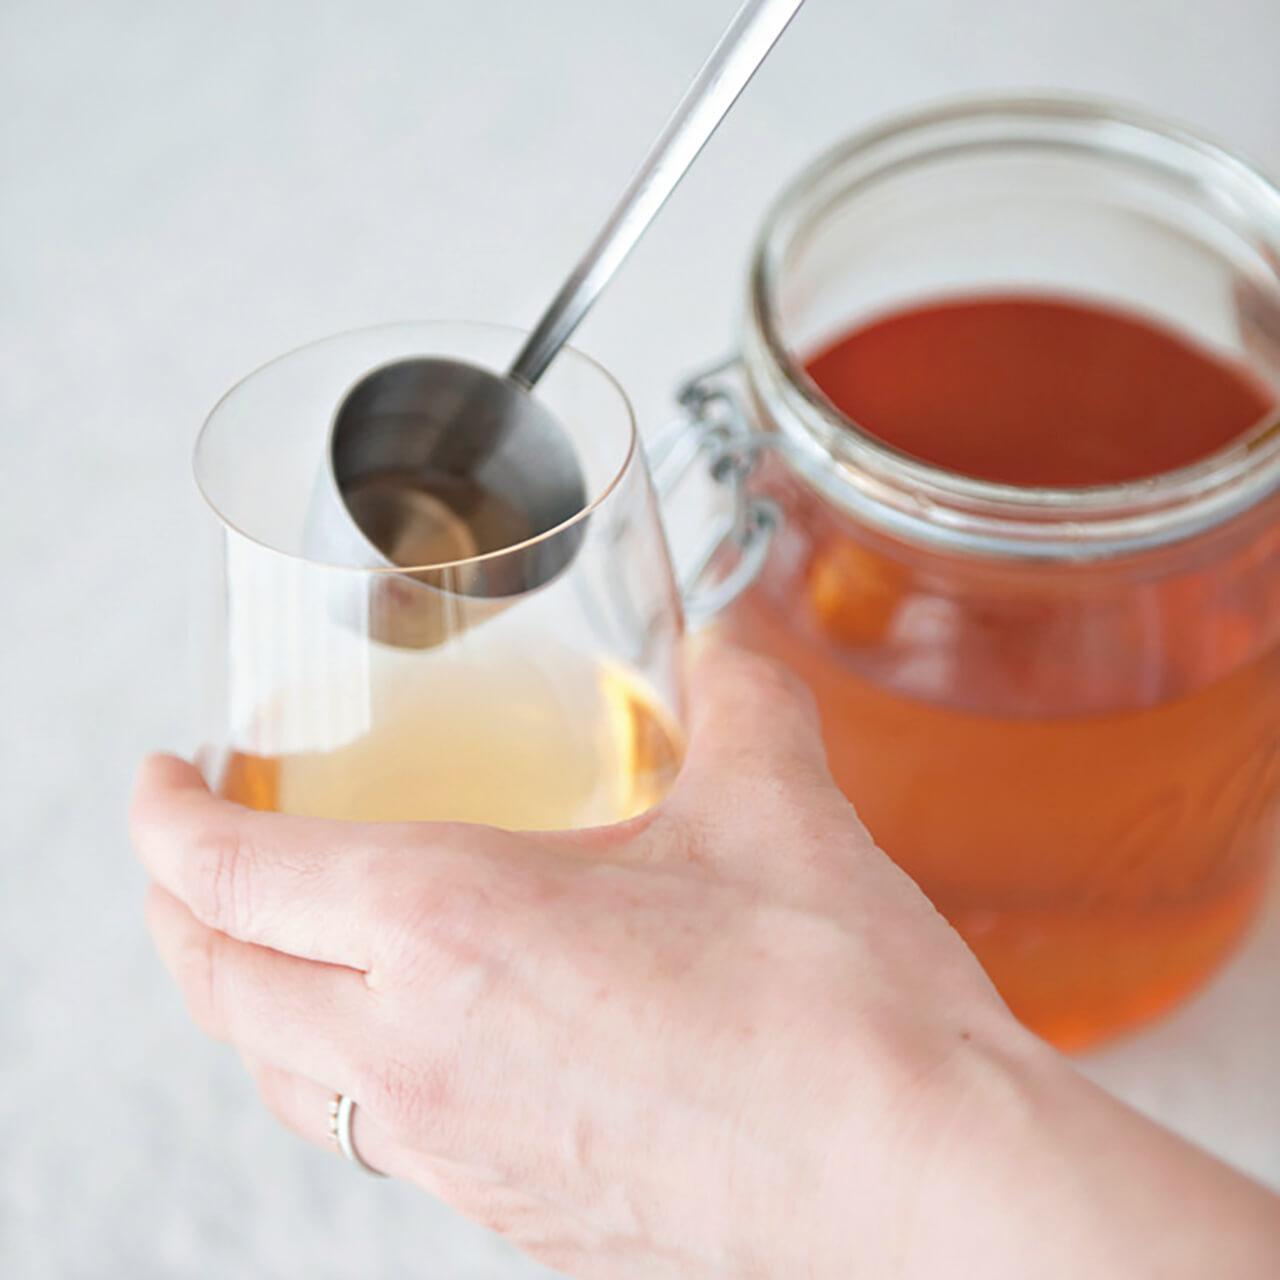 夏場に梅酒を味わうときには、薄手の「リーデル」のグラスで。